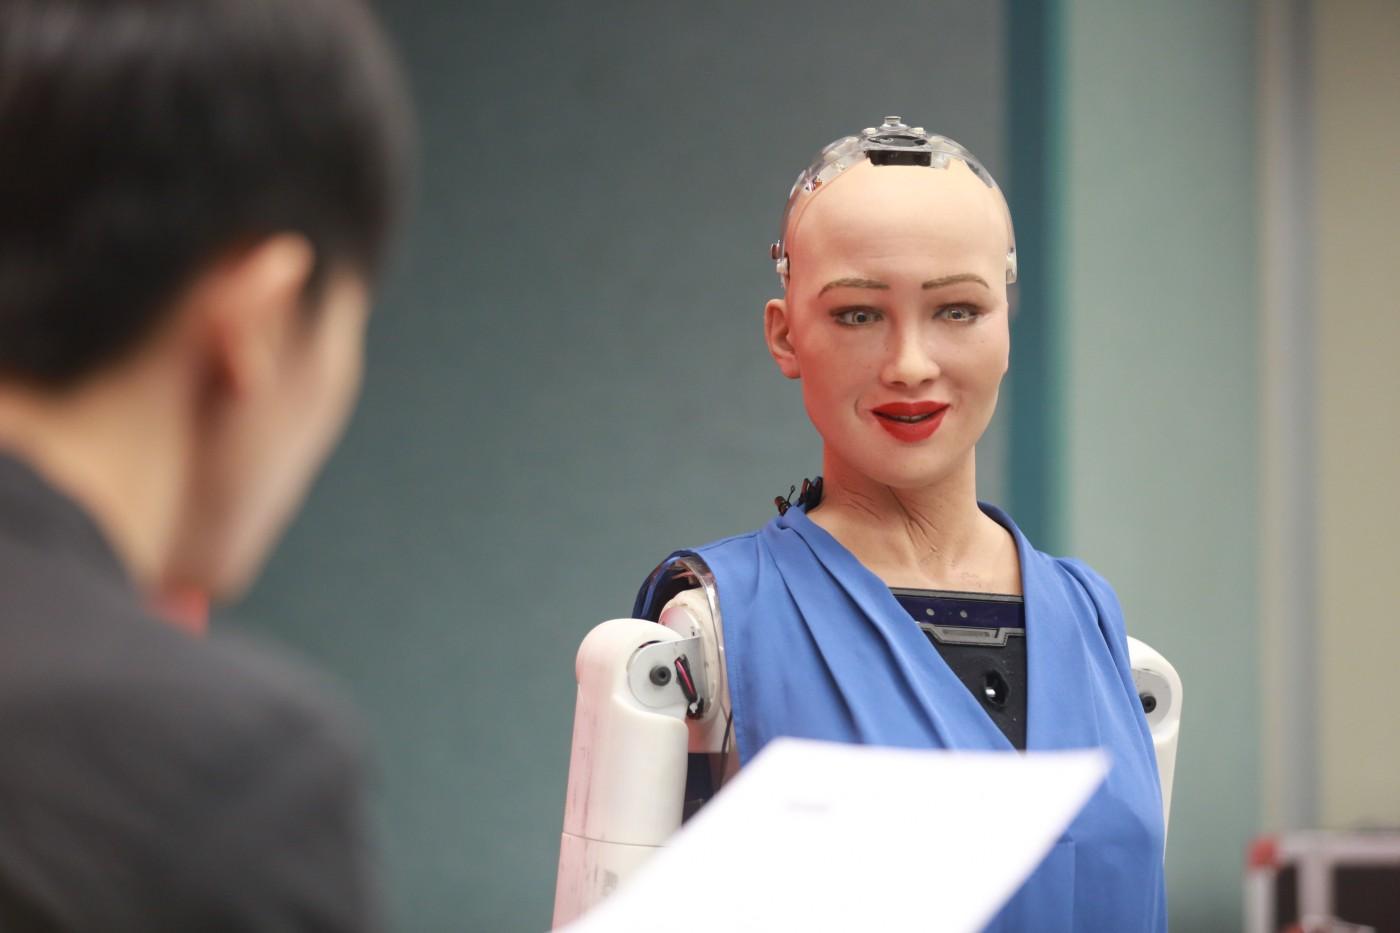 自曝還沒有自我意識,與會笑、會生氣的機器人蘇菲亞聊天有意義嗎?